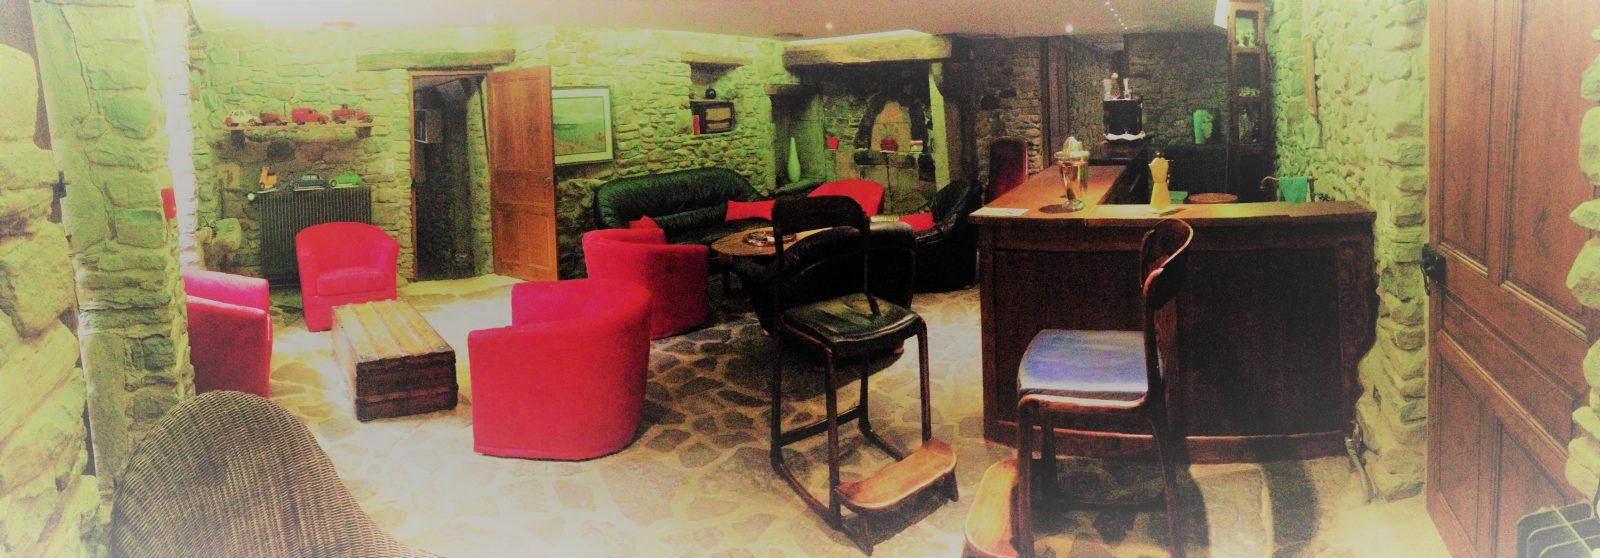 Domaine de Damian – Centre d'hébergement touristique à Vesc - 9